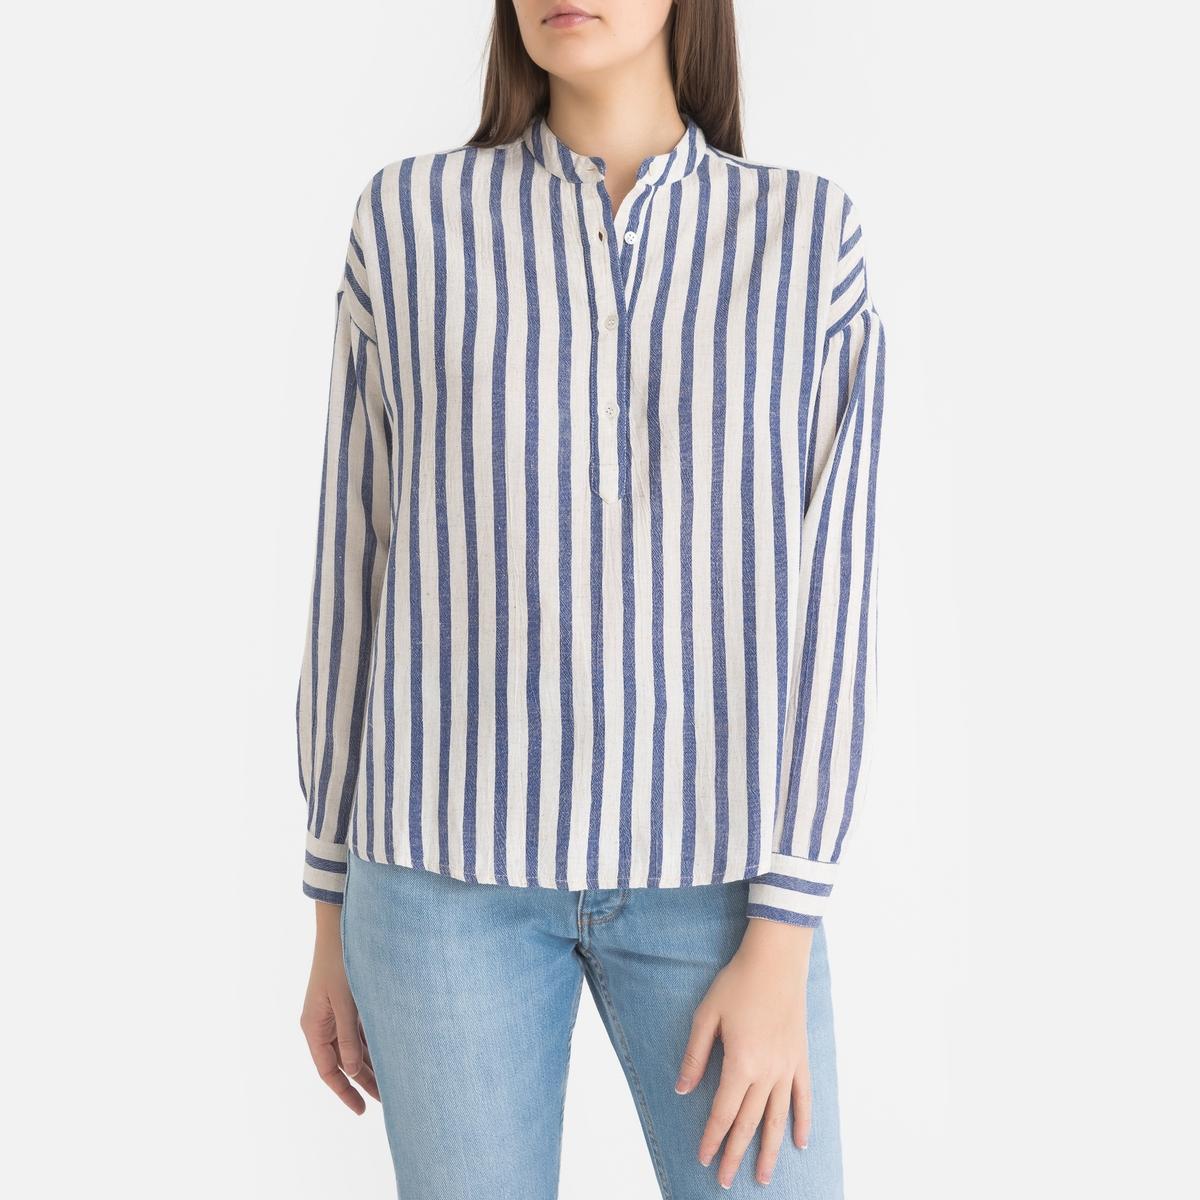 Блузка La Redoute В полоску с тунисским вырезом HORIZON L синий футболка с тунисским вырезом из 100% хлопка с эффектом фламме